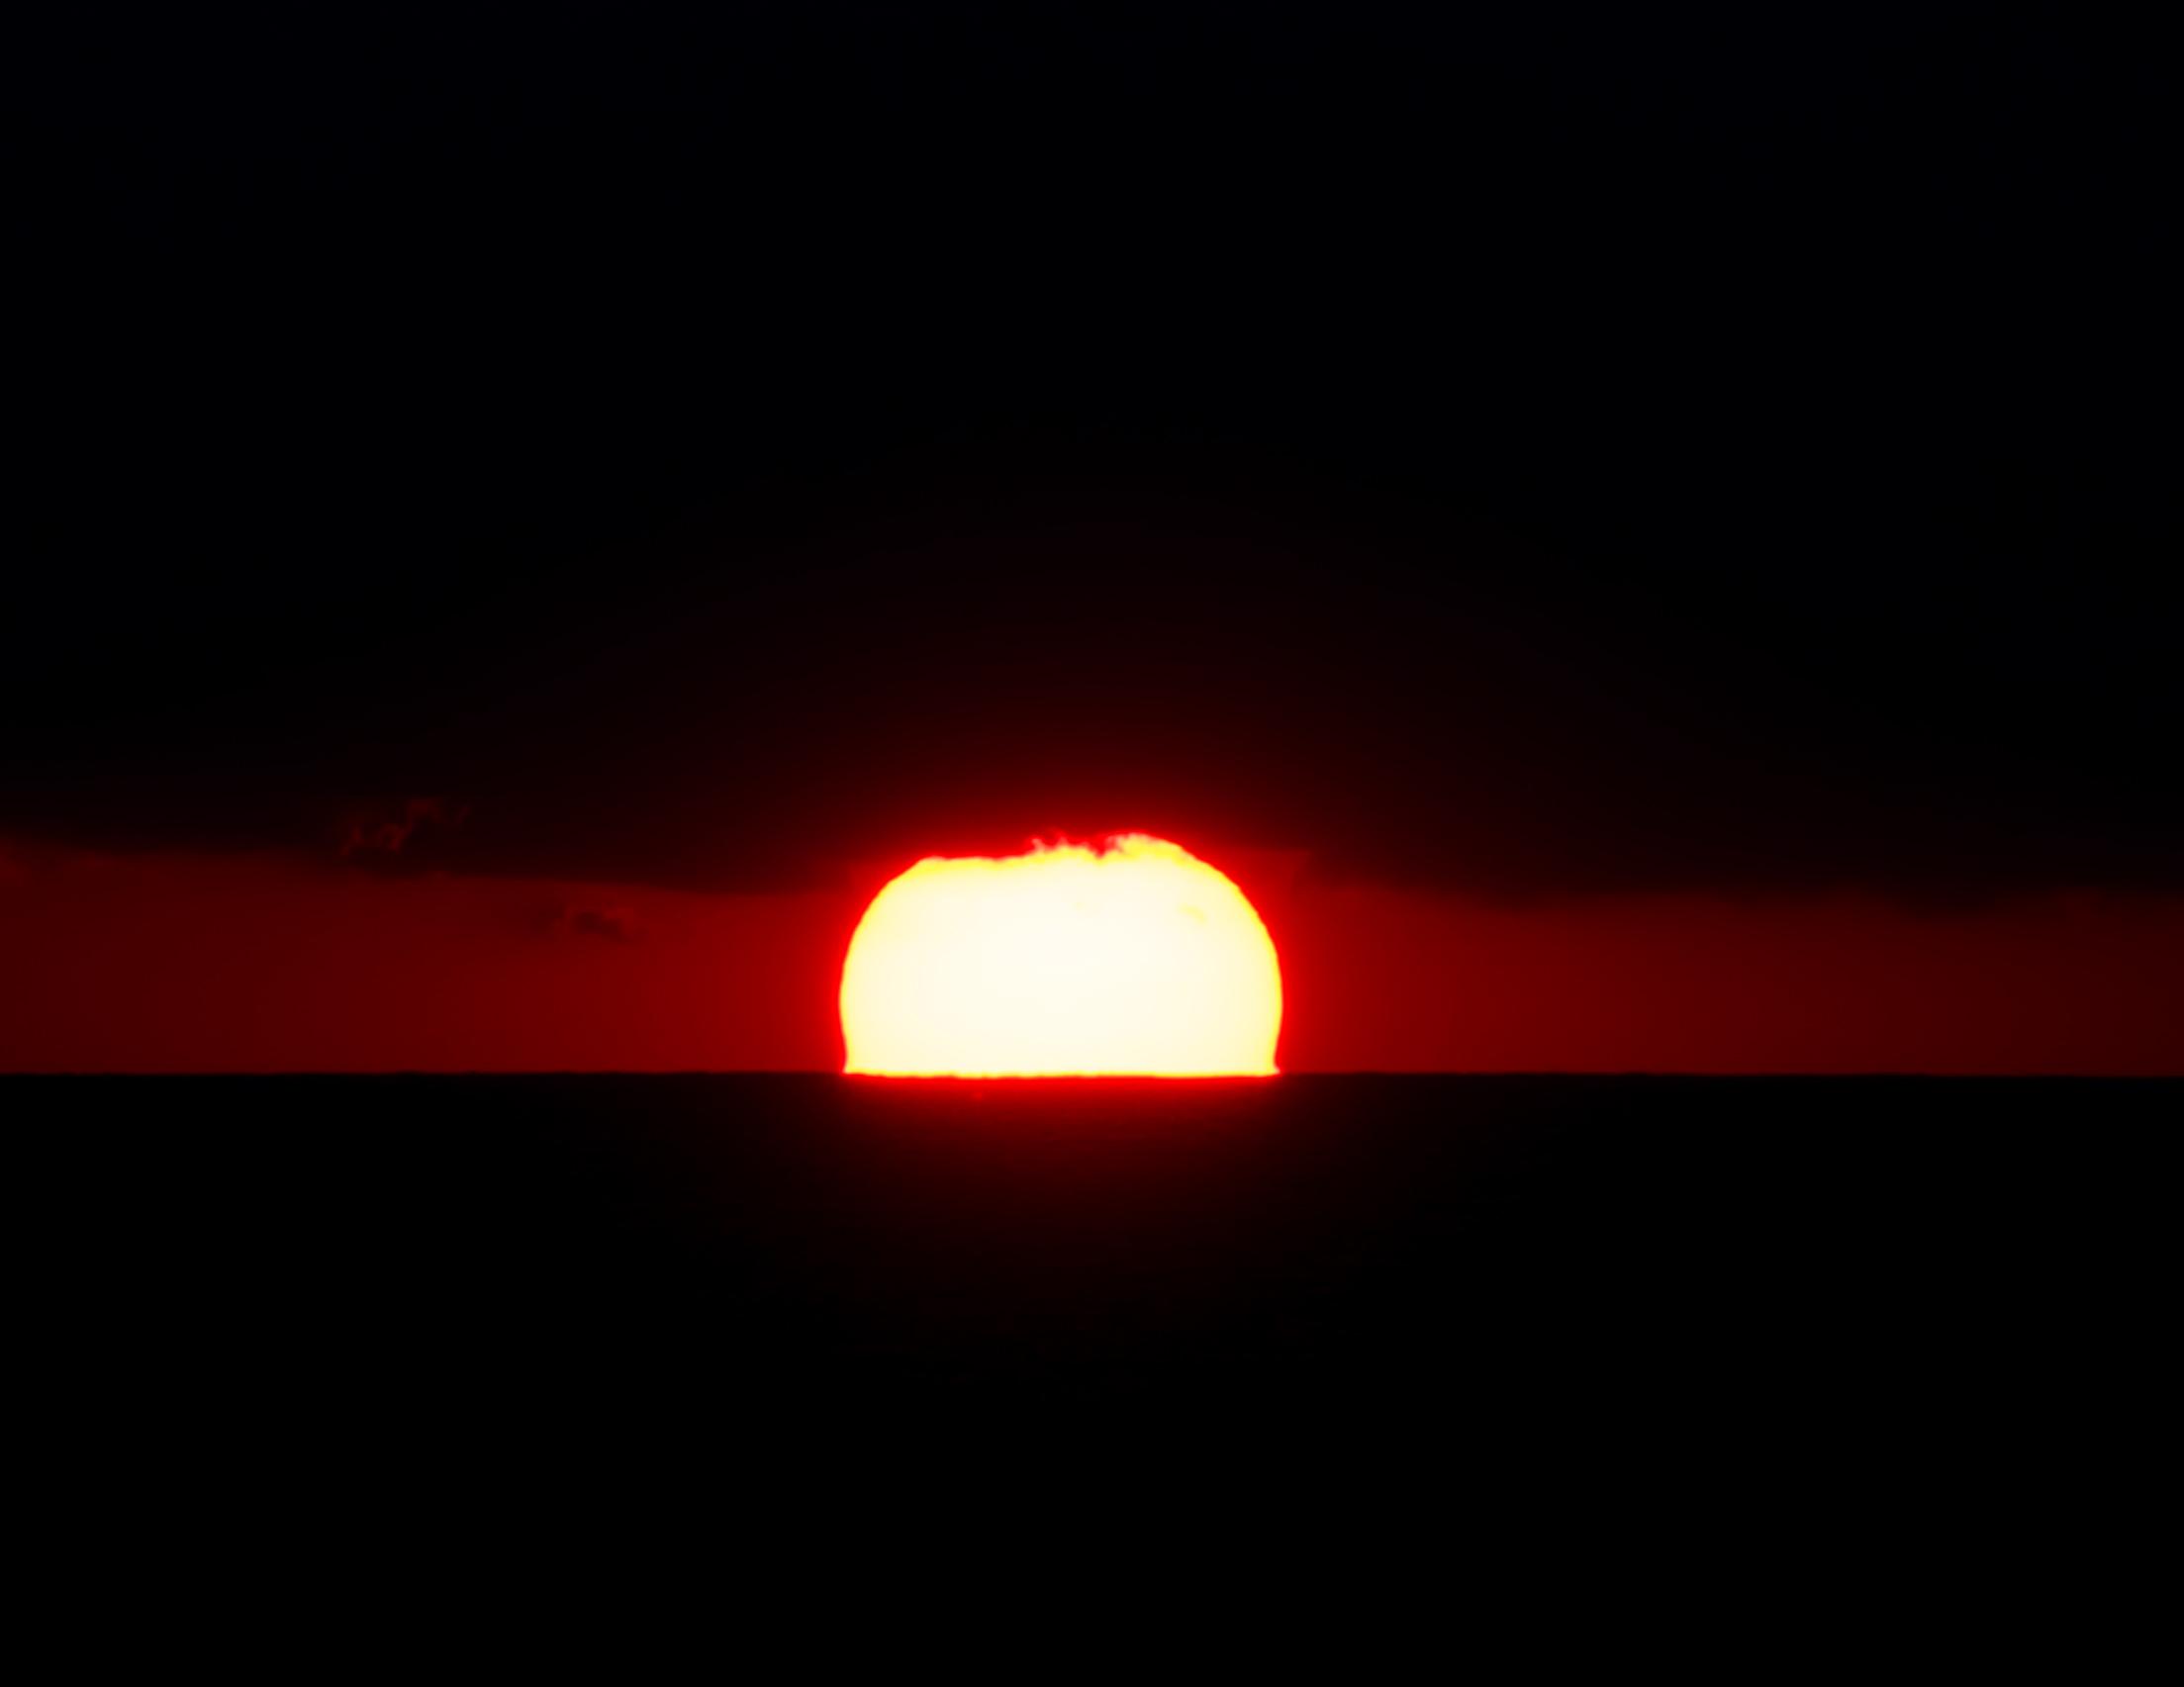 L'autore del tramonto irreale ma vero...